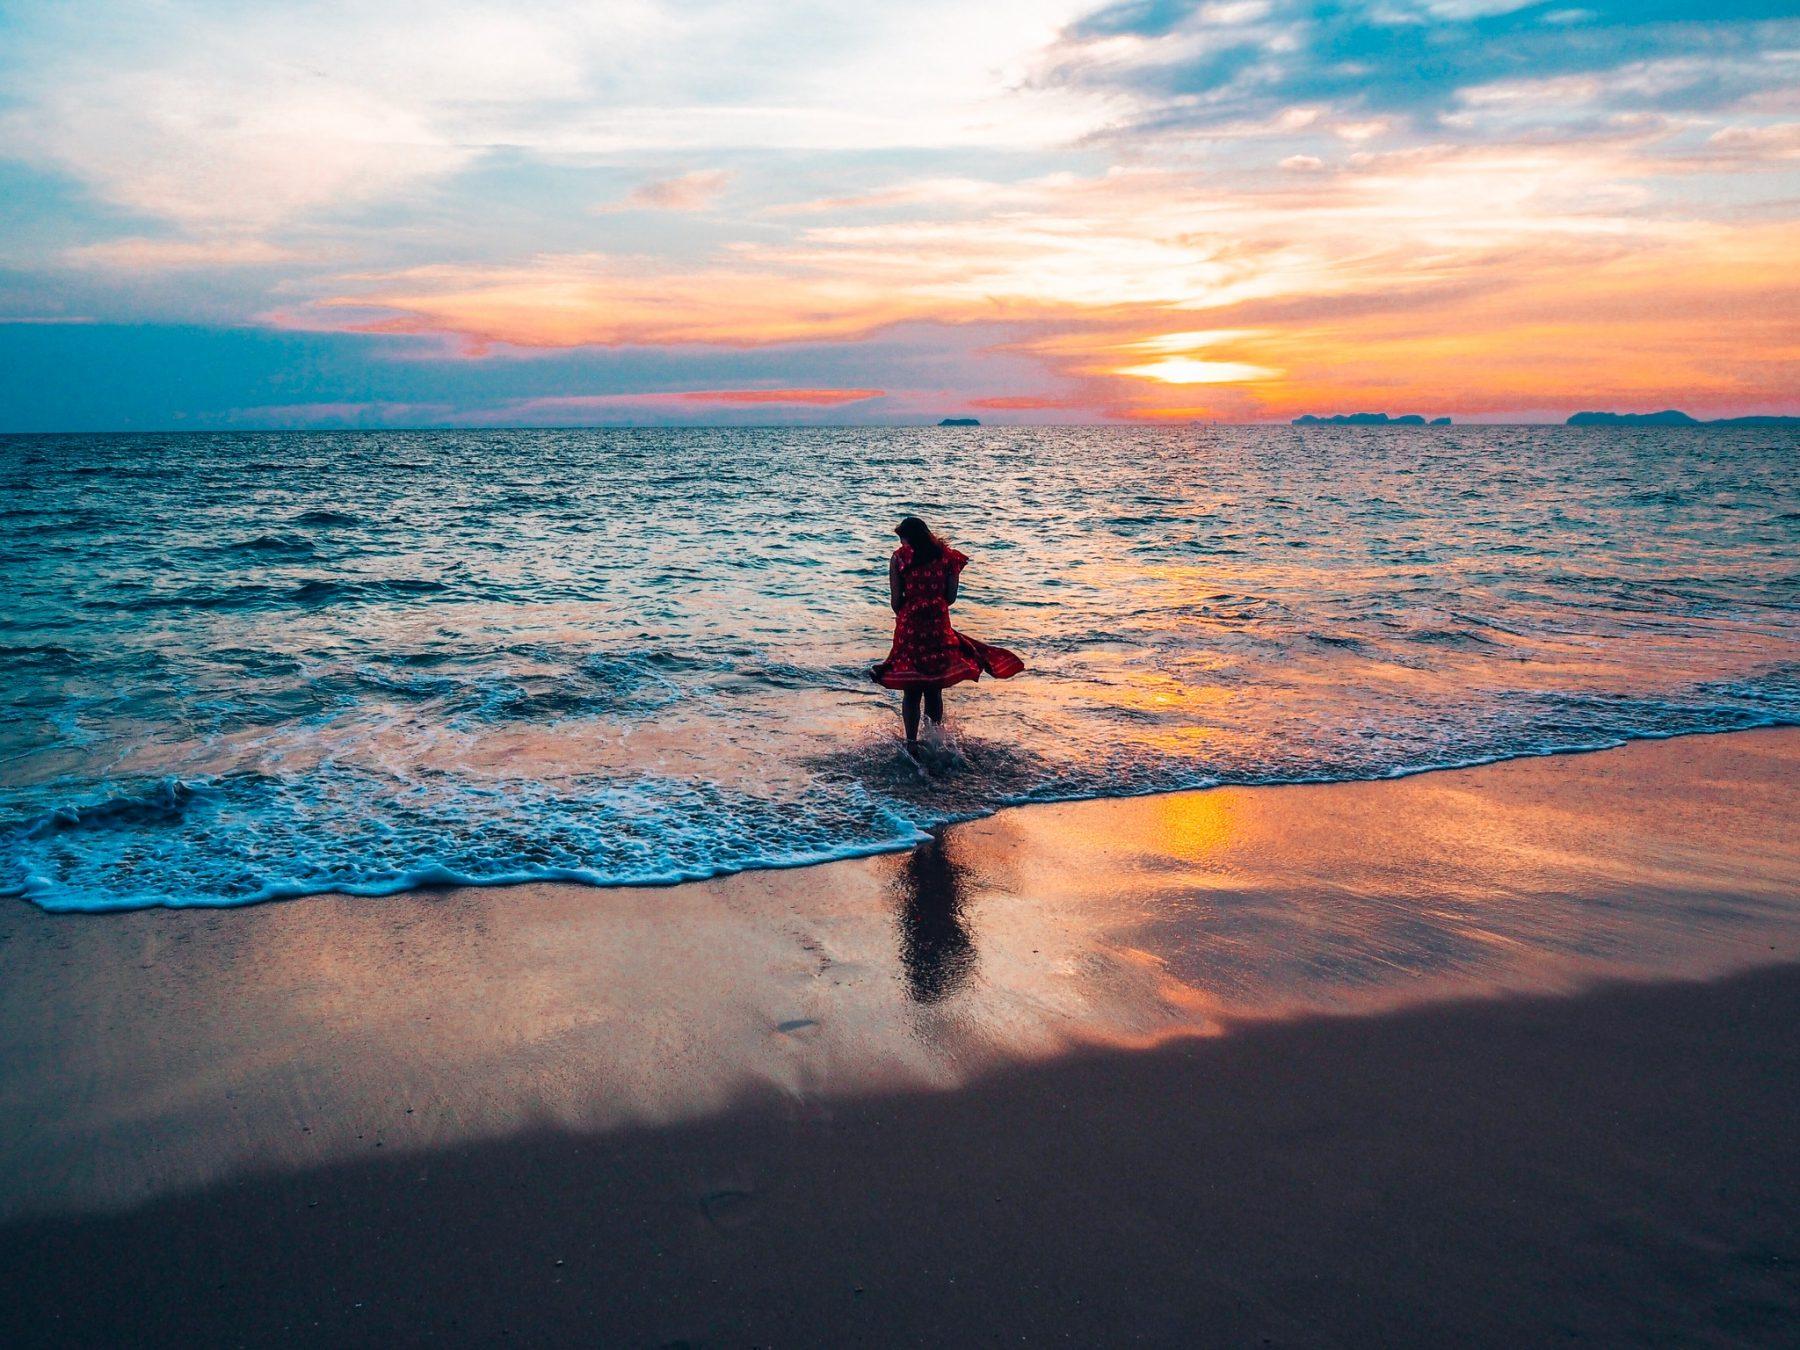 waves at sunset, Thailand, Thailand Koh Lanta beach shots 2019